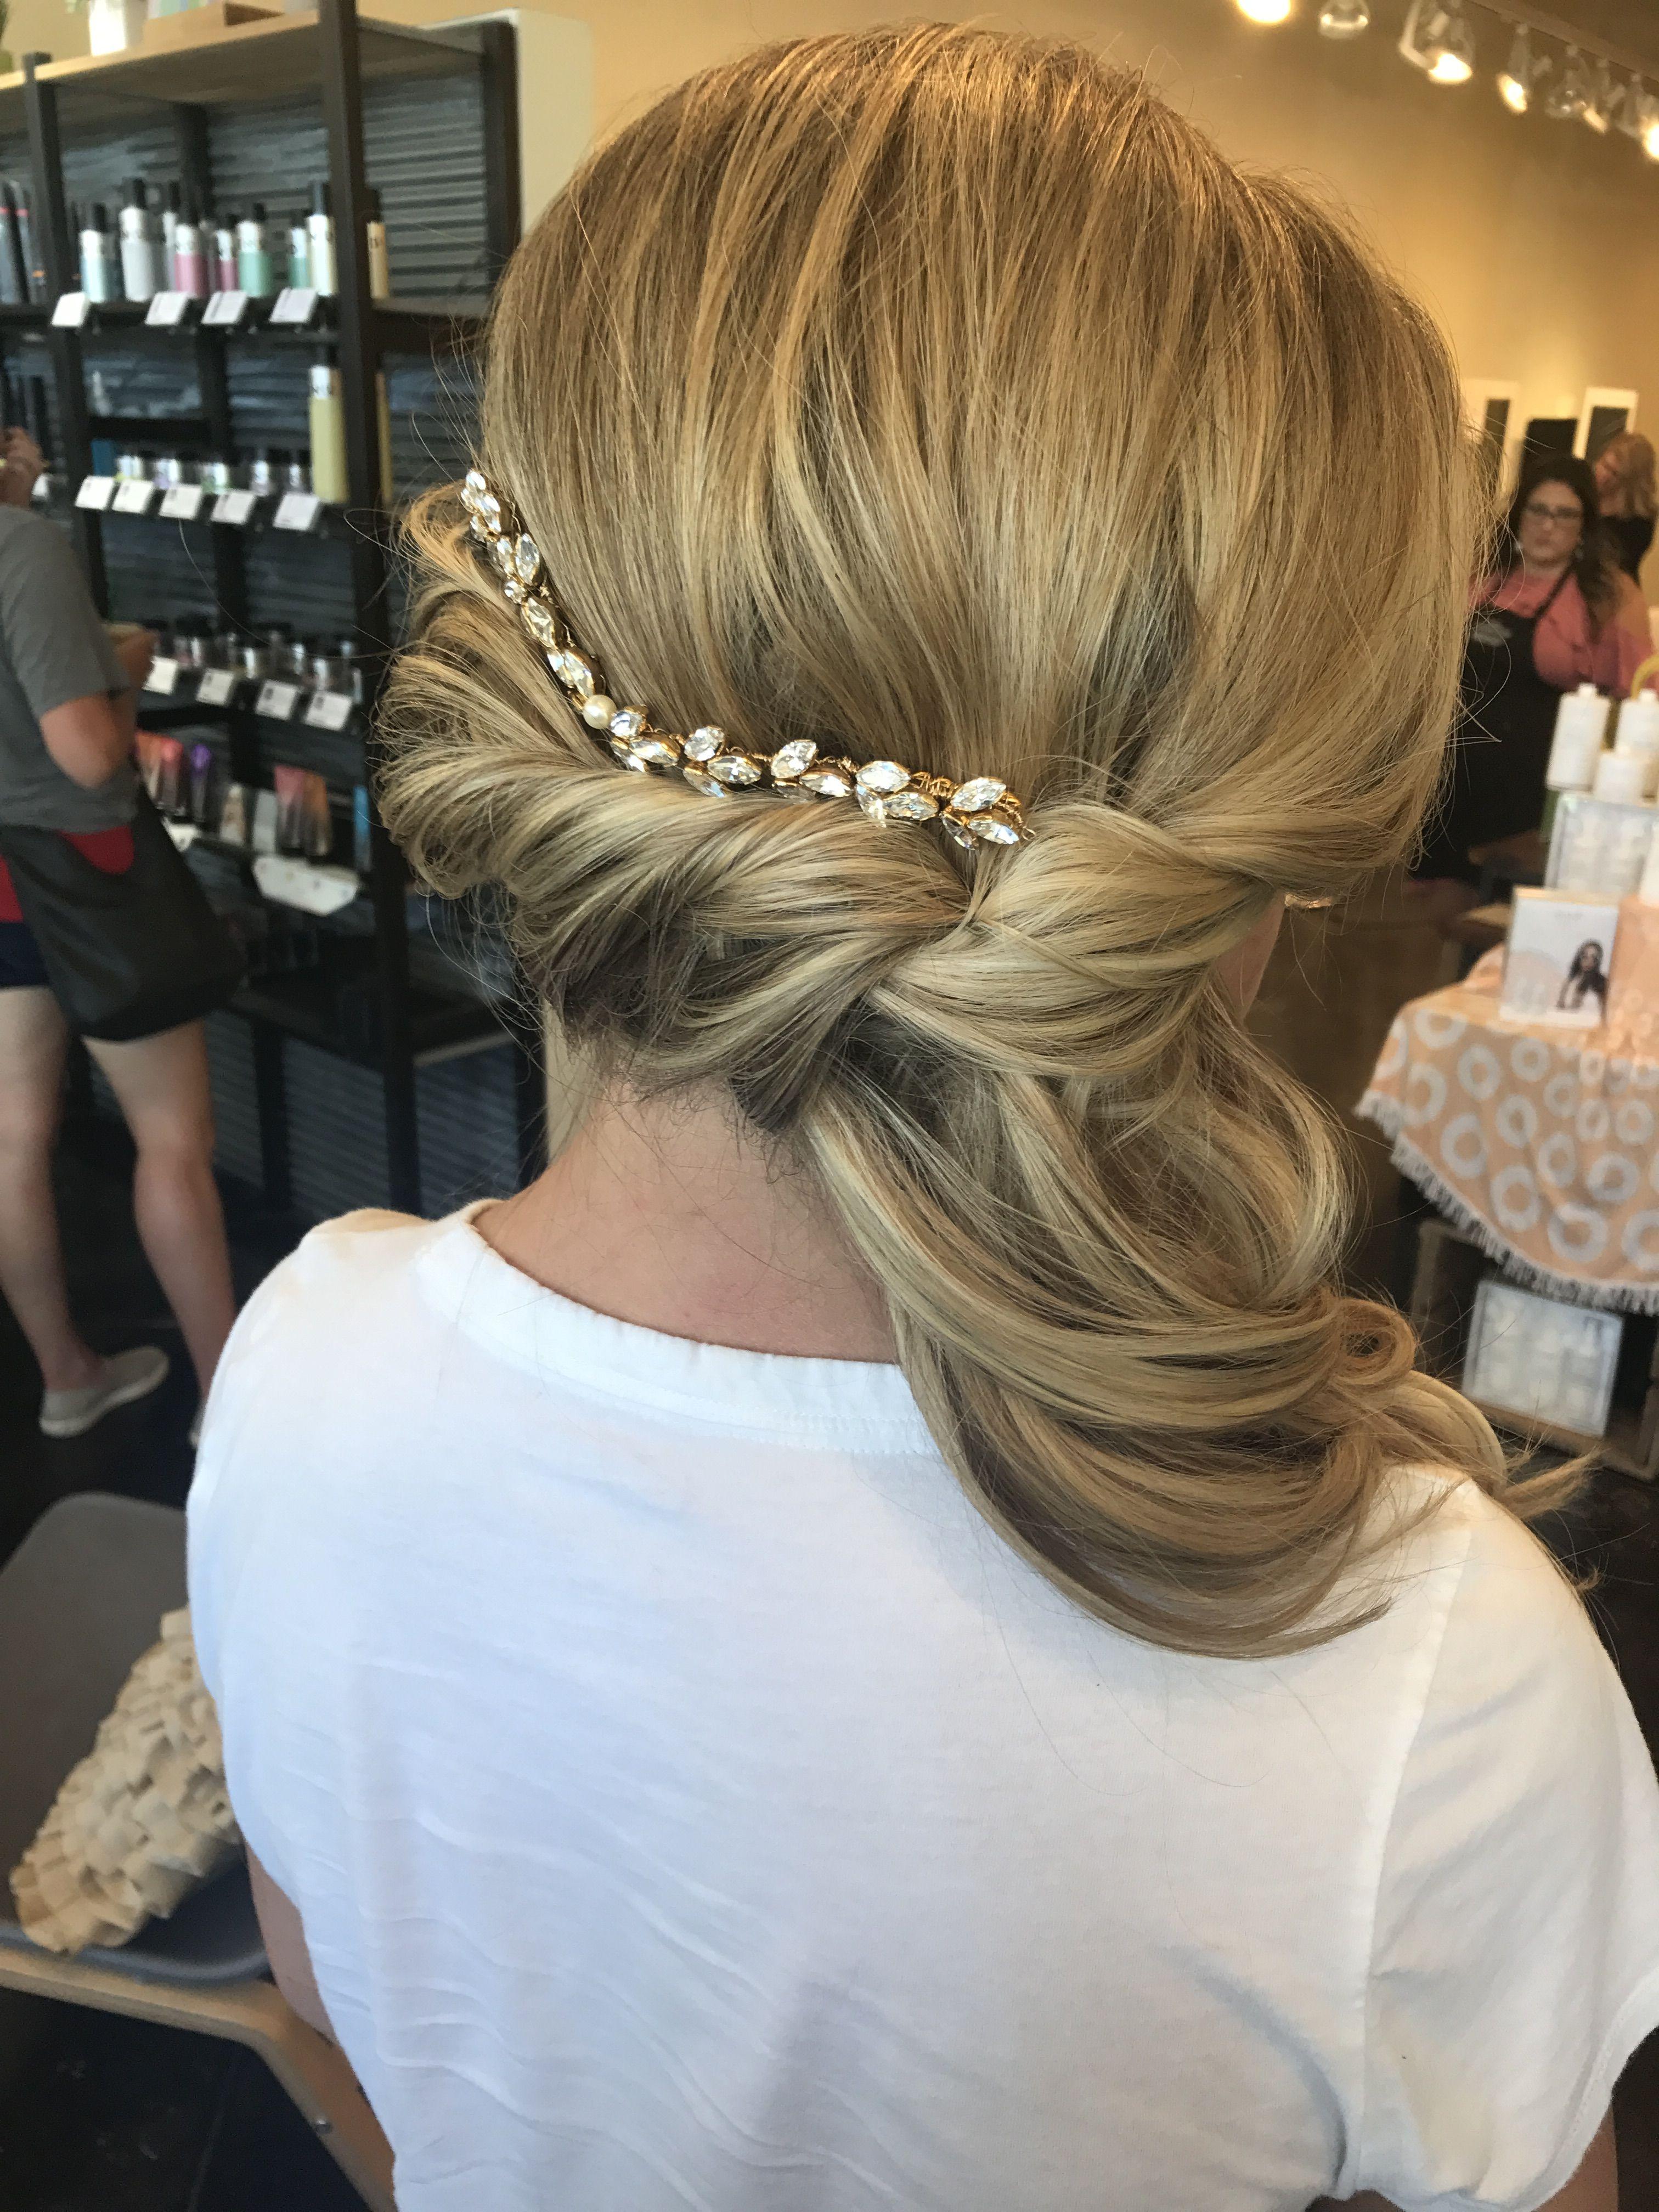 Wedding Hair Ready Hairbynatashafehlhaber Reveal Salon And Spa Omaha Ne Wedding Hairstyles Hair Hair Styles